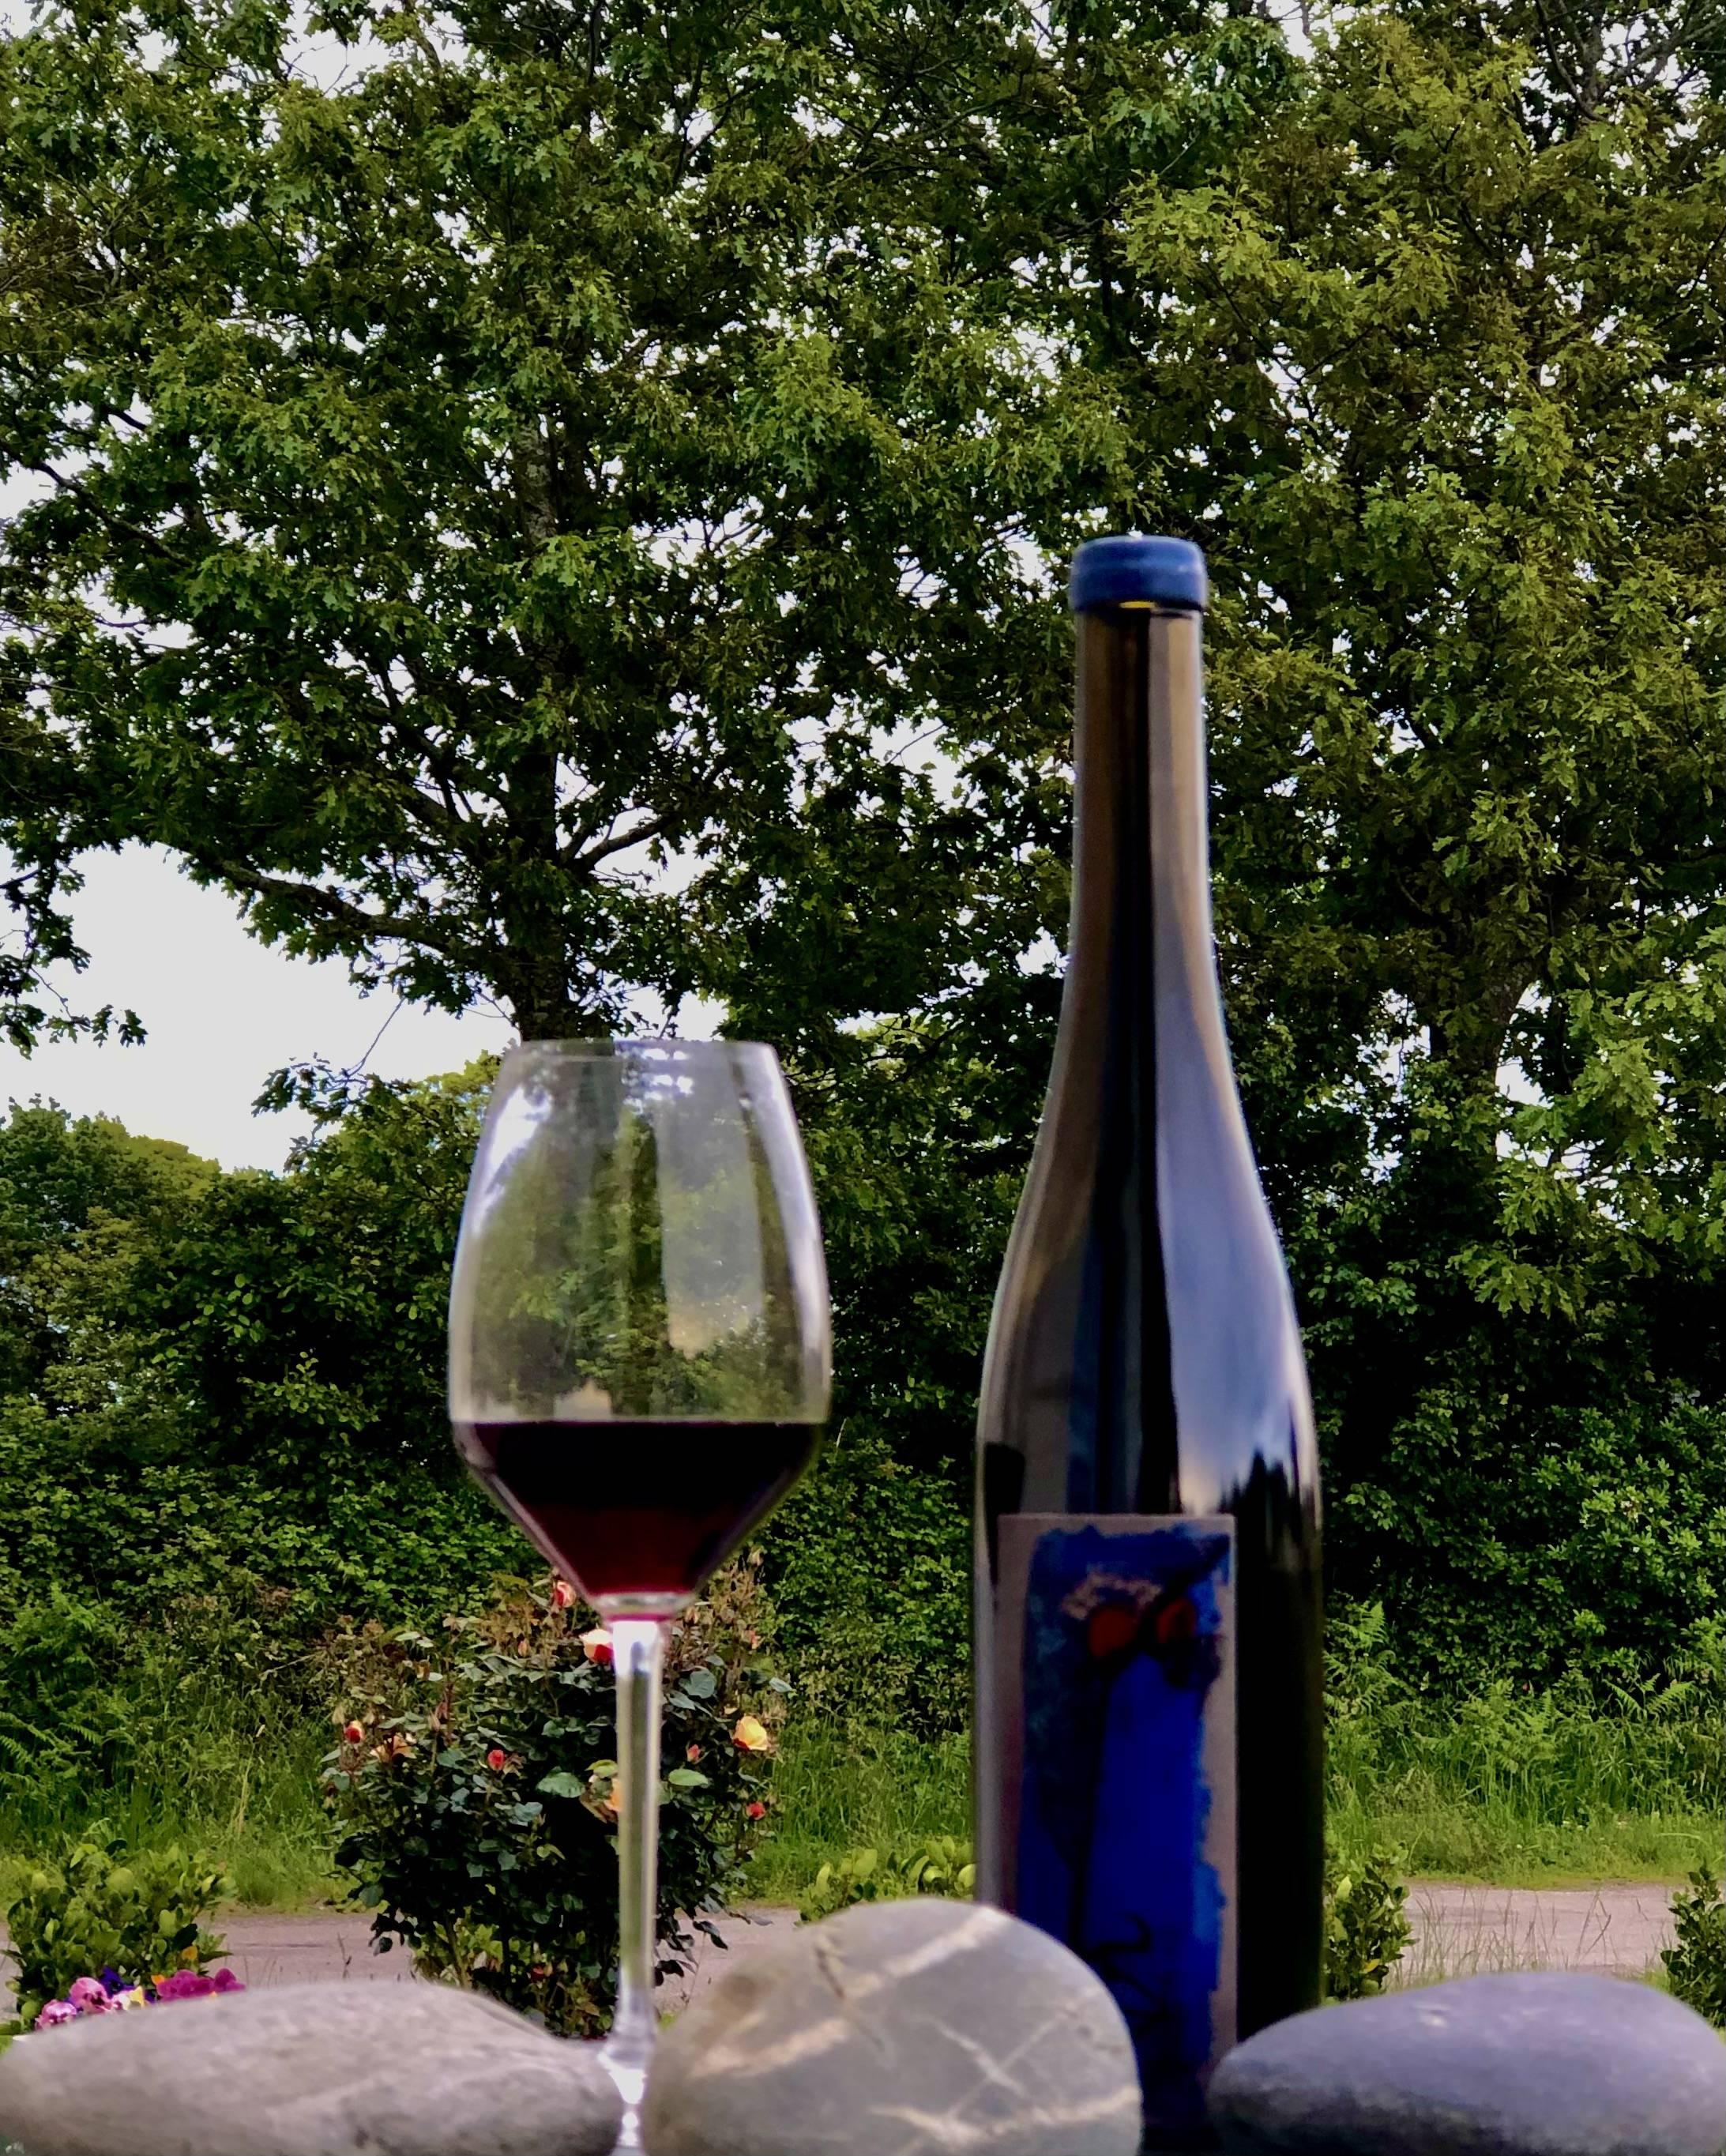 cabernet franc , cabernet, la table rouge, loire, france, vin nature, rawwine, organic wine, vin bio, vin sans intrants, bistro brute, vin rouge, vin blanc, rouge, blanc, nature, vin propre, vigneron, vigneron indépendant, domaine bio, biodynamie, vigneron nature, cave vin naturel, cave vin, caviste, vin biodynamique, bistro brute